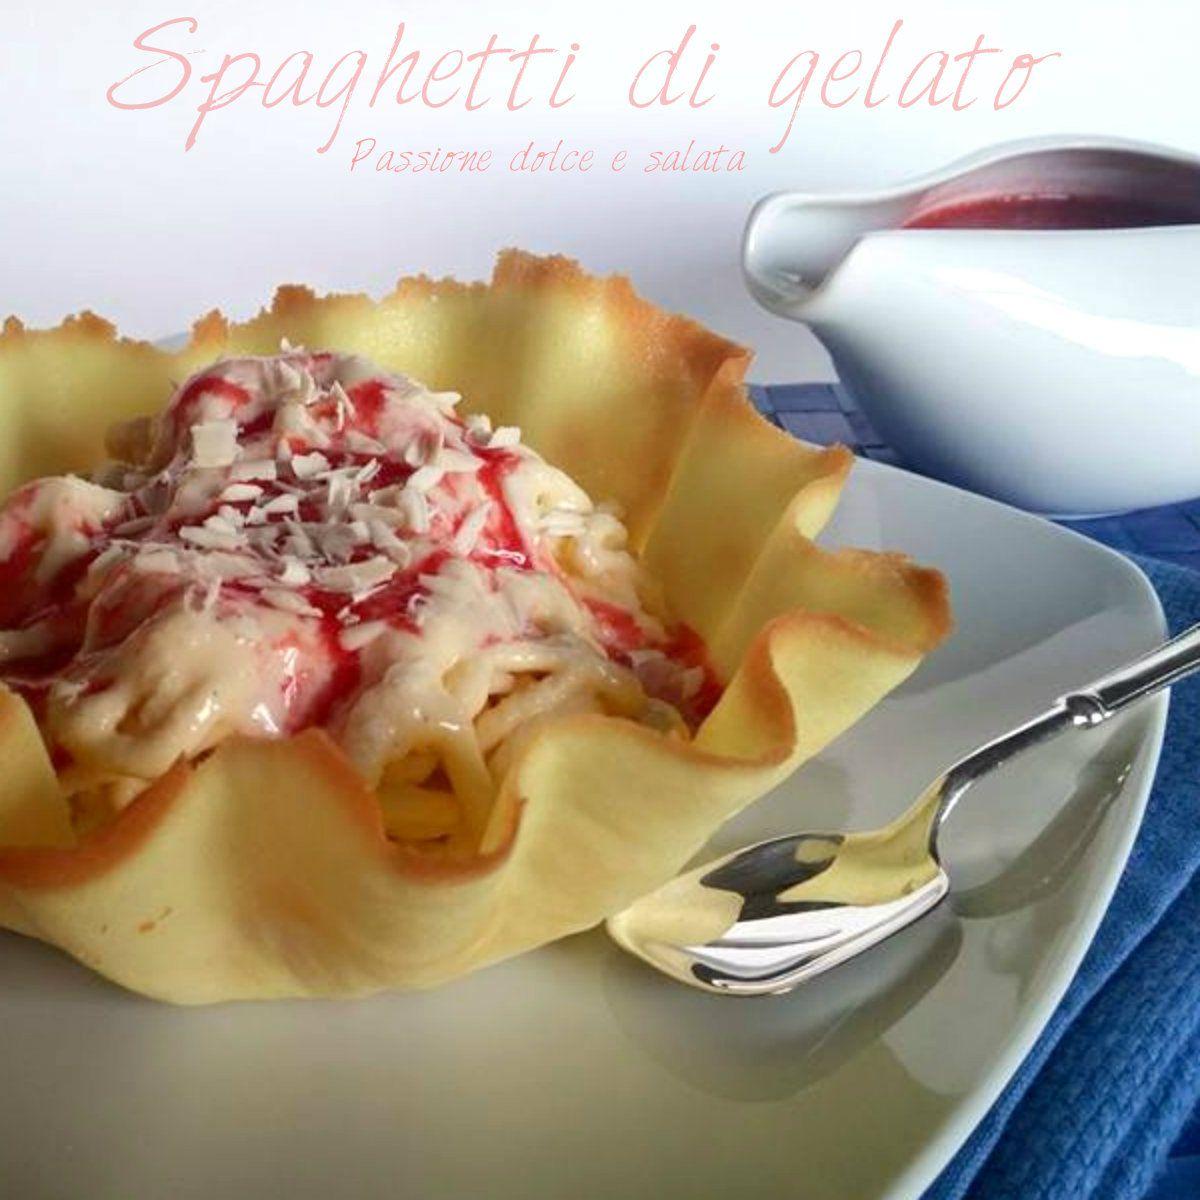 Scommettiamo che questi spaghetti riuscirete a mangiarli anche col cucchiaino?  http://blog.giallozafferano.it/passioneperilcibo/spaghetti-di-gelato/